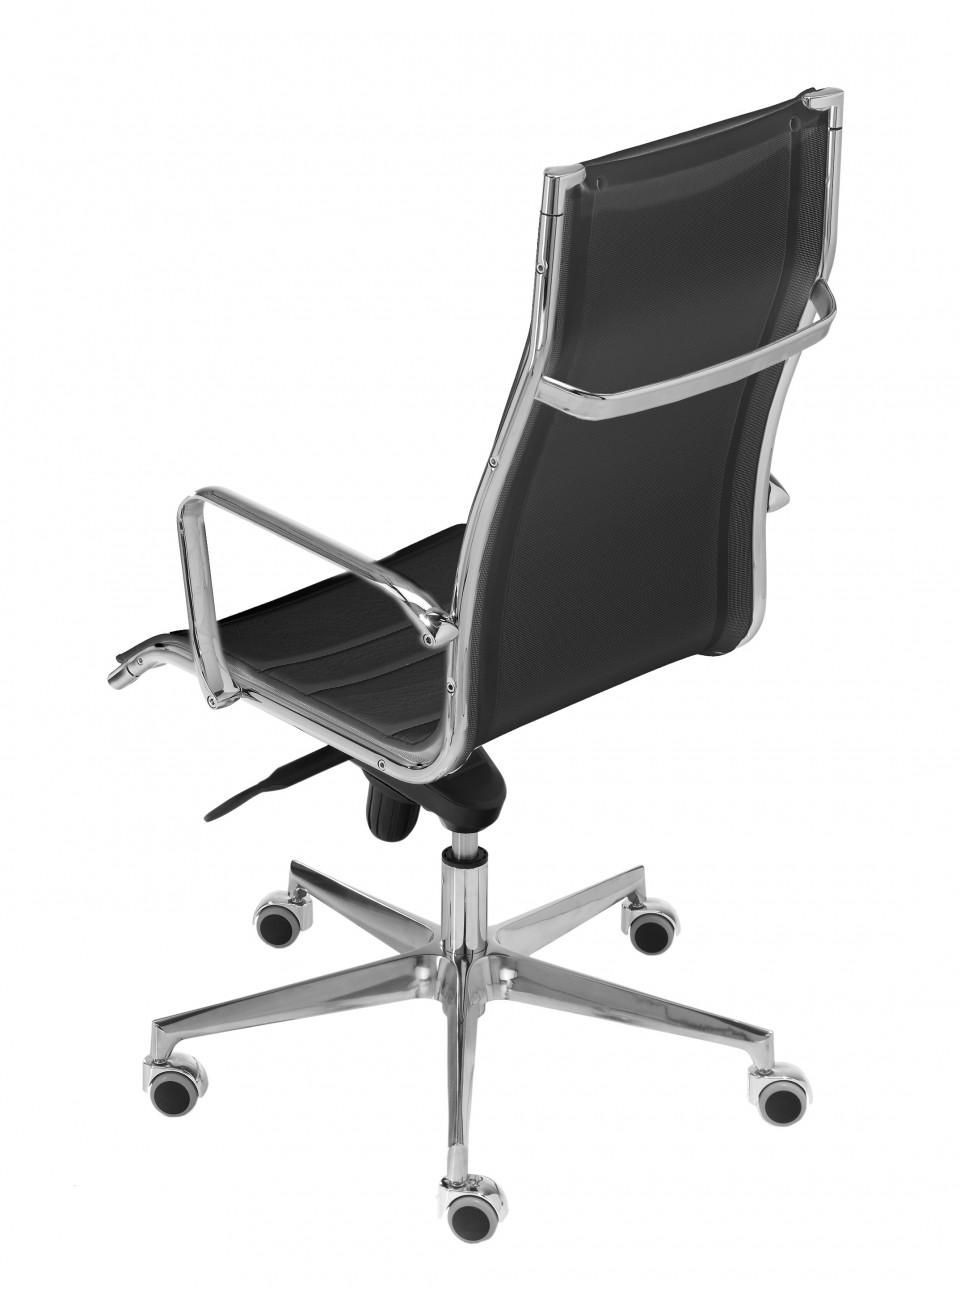 fauteuil de direction cuir acer achat fauteuils 429 00. Black Bedroom Furniture Sets. Home Design Ideas